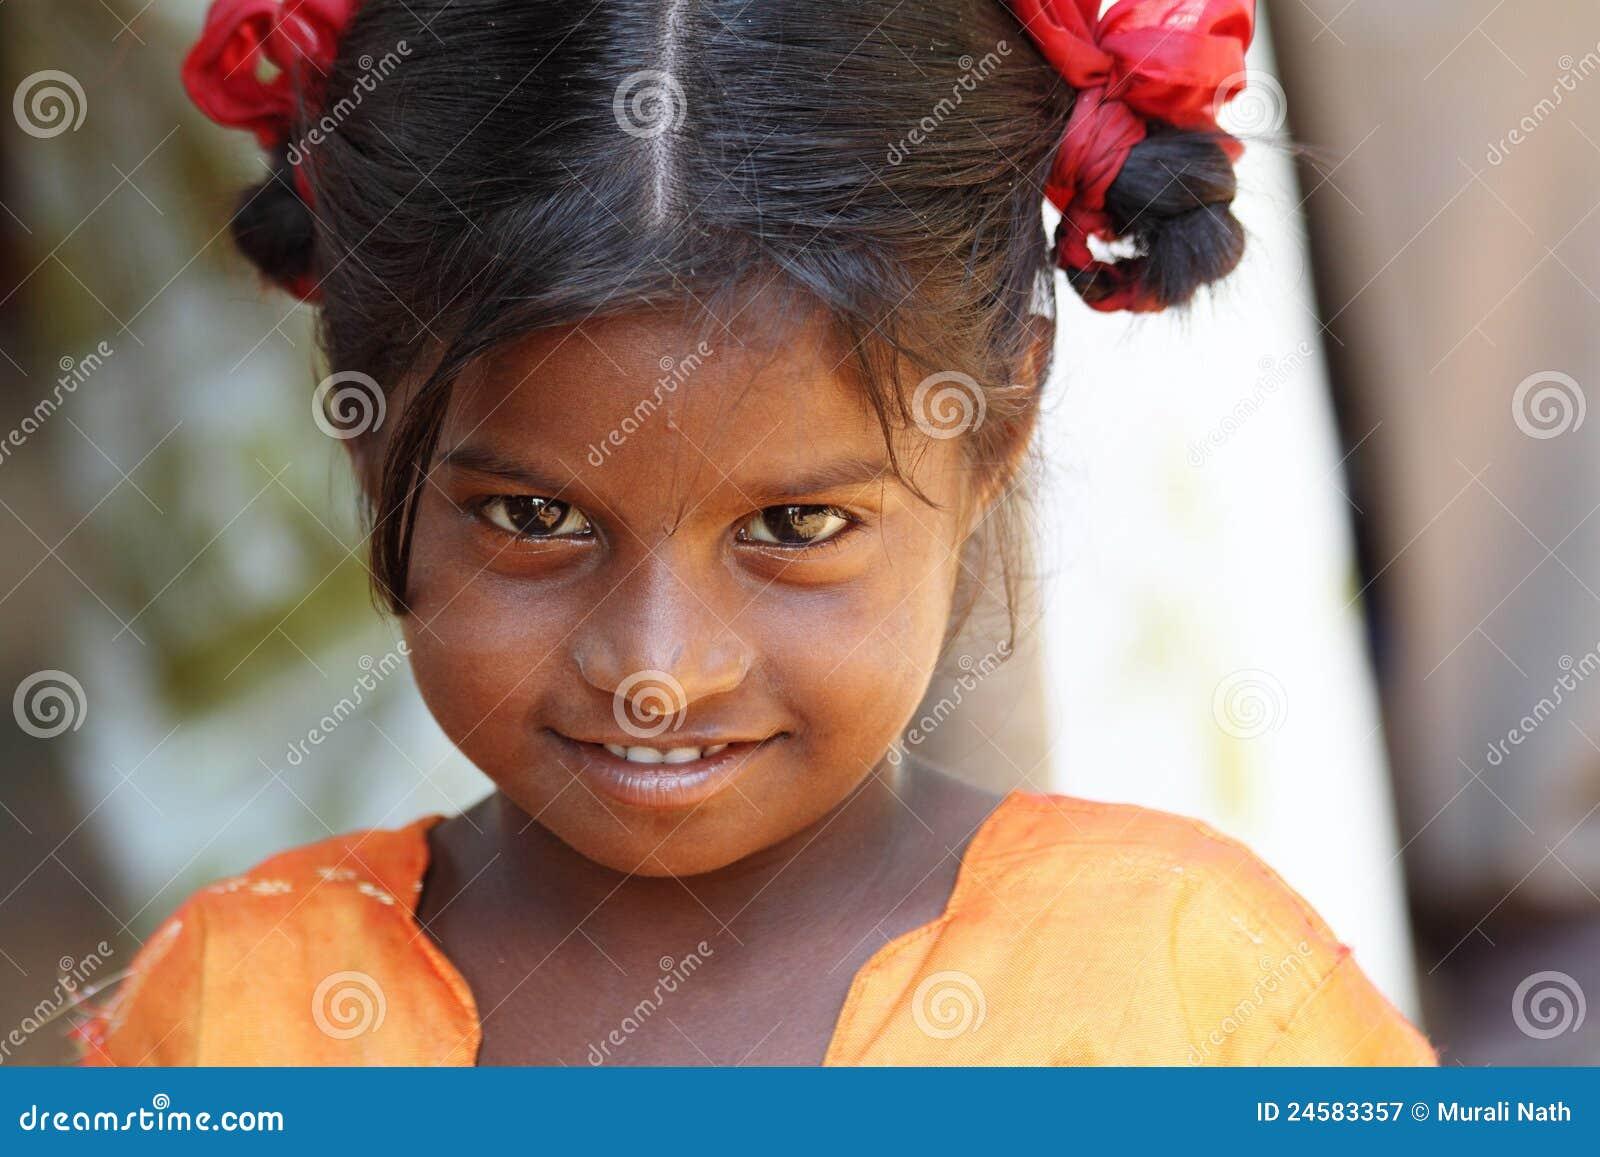 Reife Nacktes Bild des indischen kleinen Mädchens sheckler nackt sexy